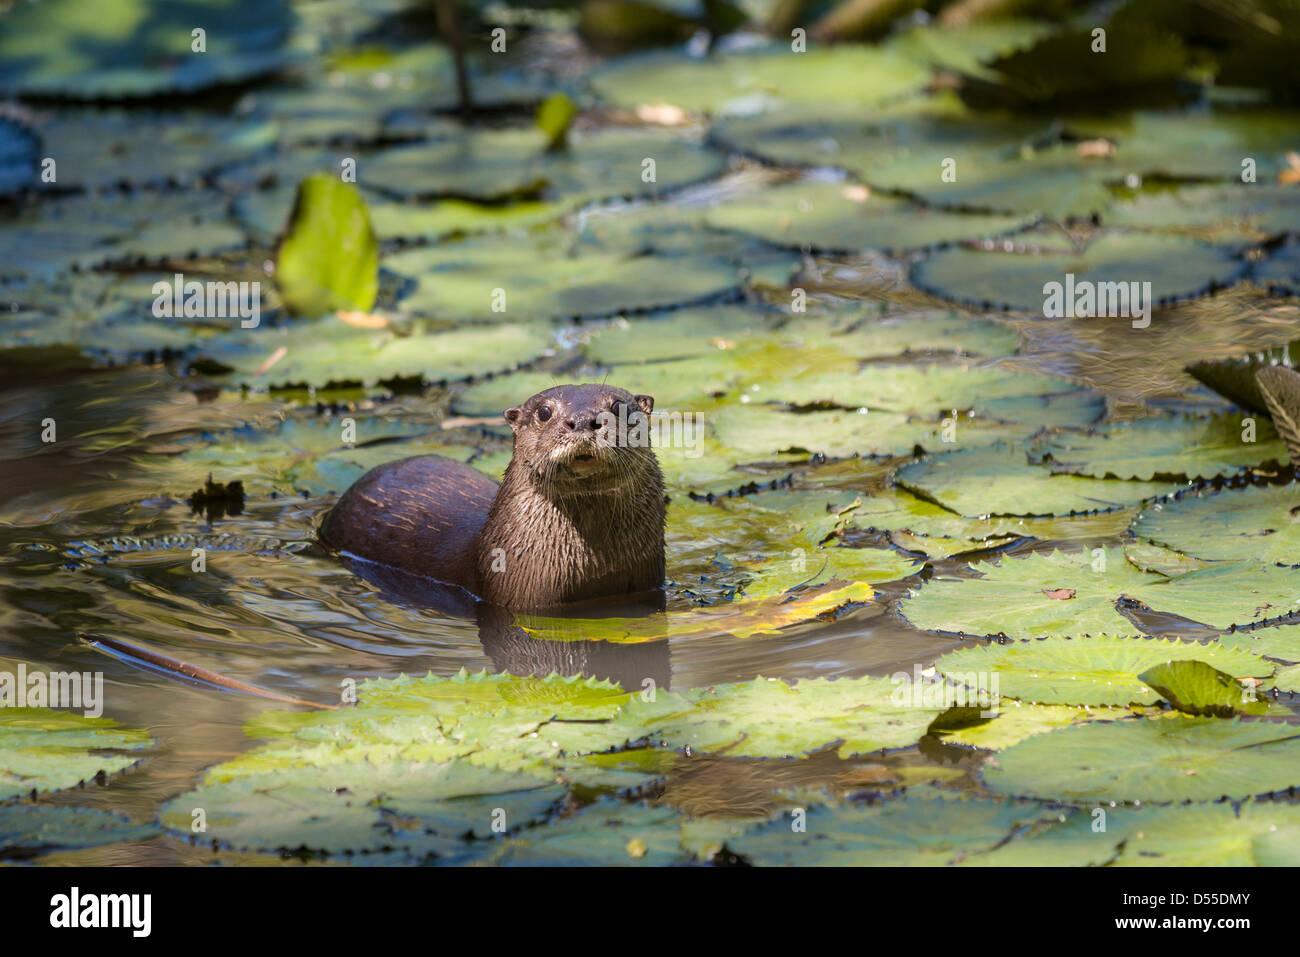 Neotropical loutre de rivière (Lontra longicaudis) à Las Pumas à Cañas, Province de Guanacaste, Costa Rica. Banque D'Images